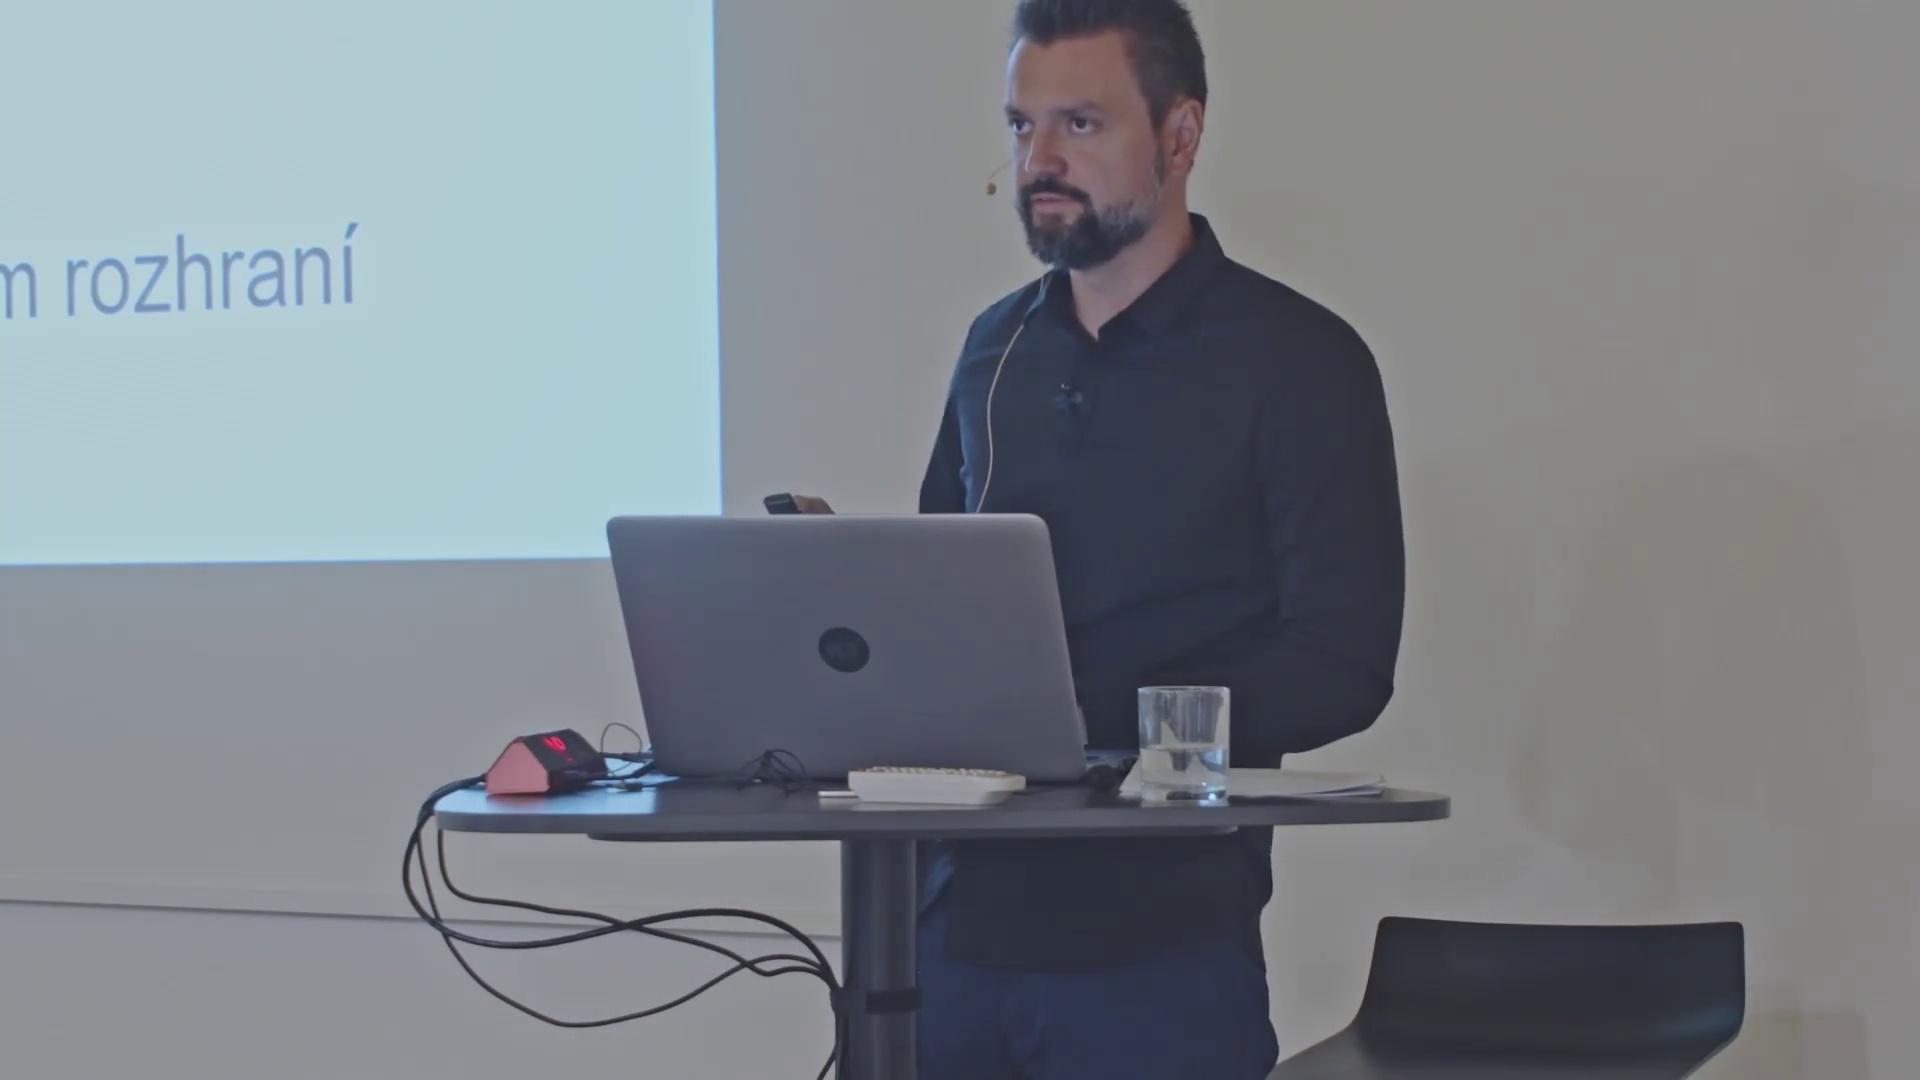 Tipy v uživatelském rozhraní (2020)